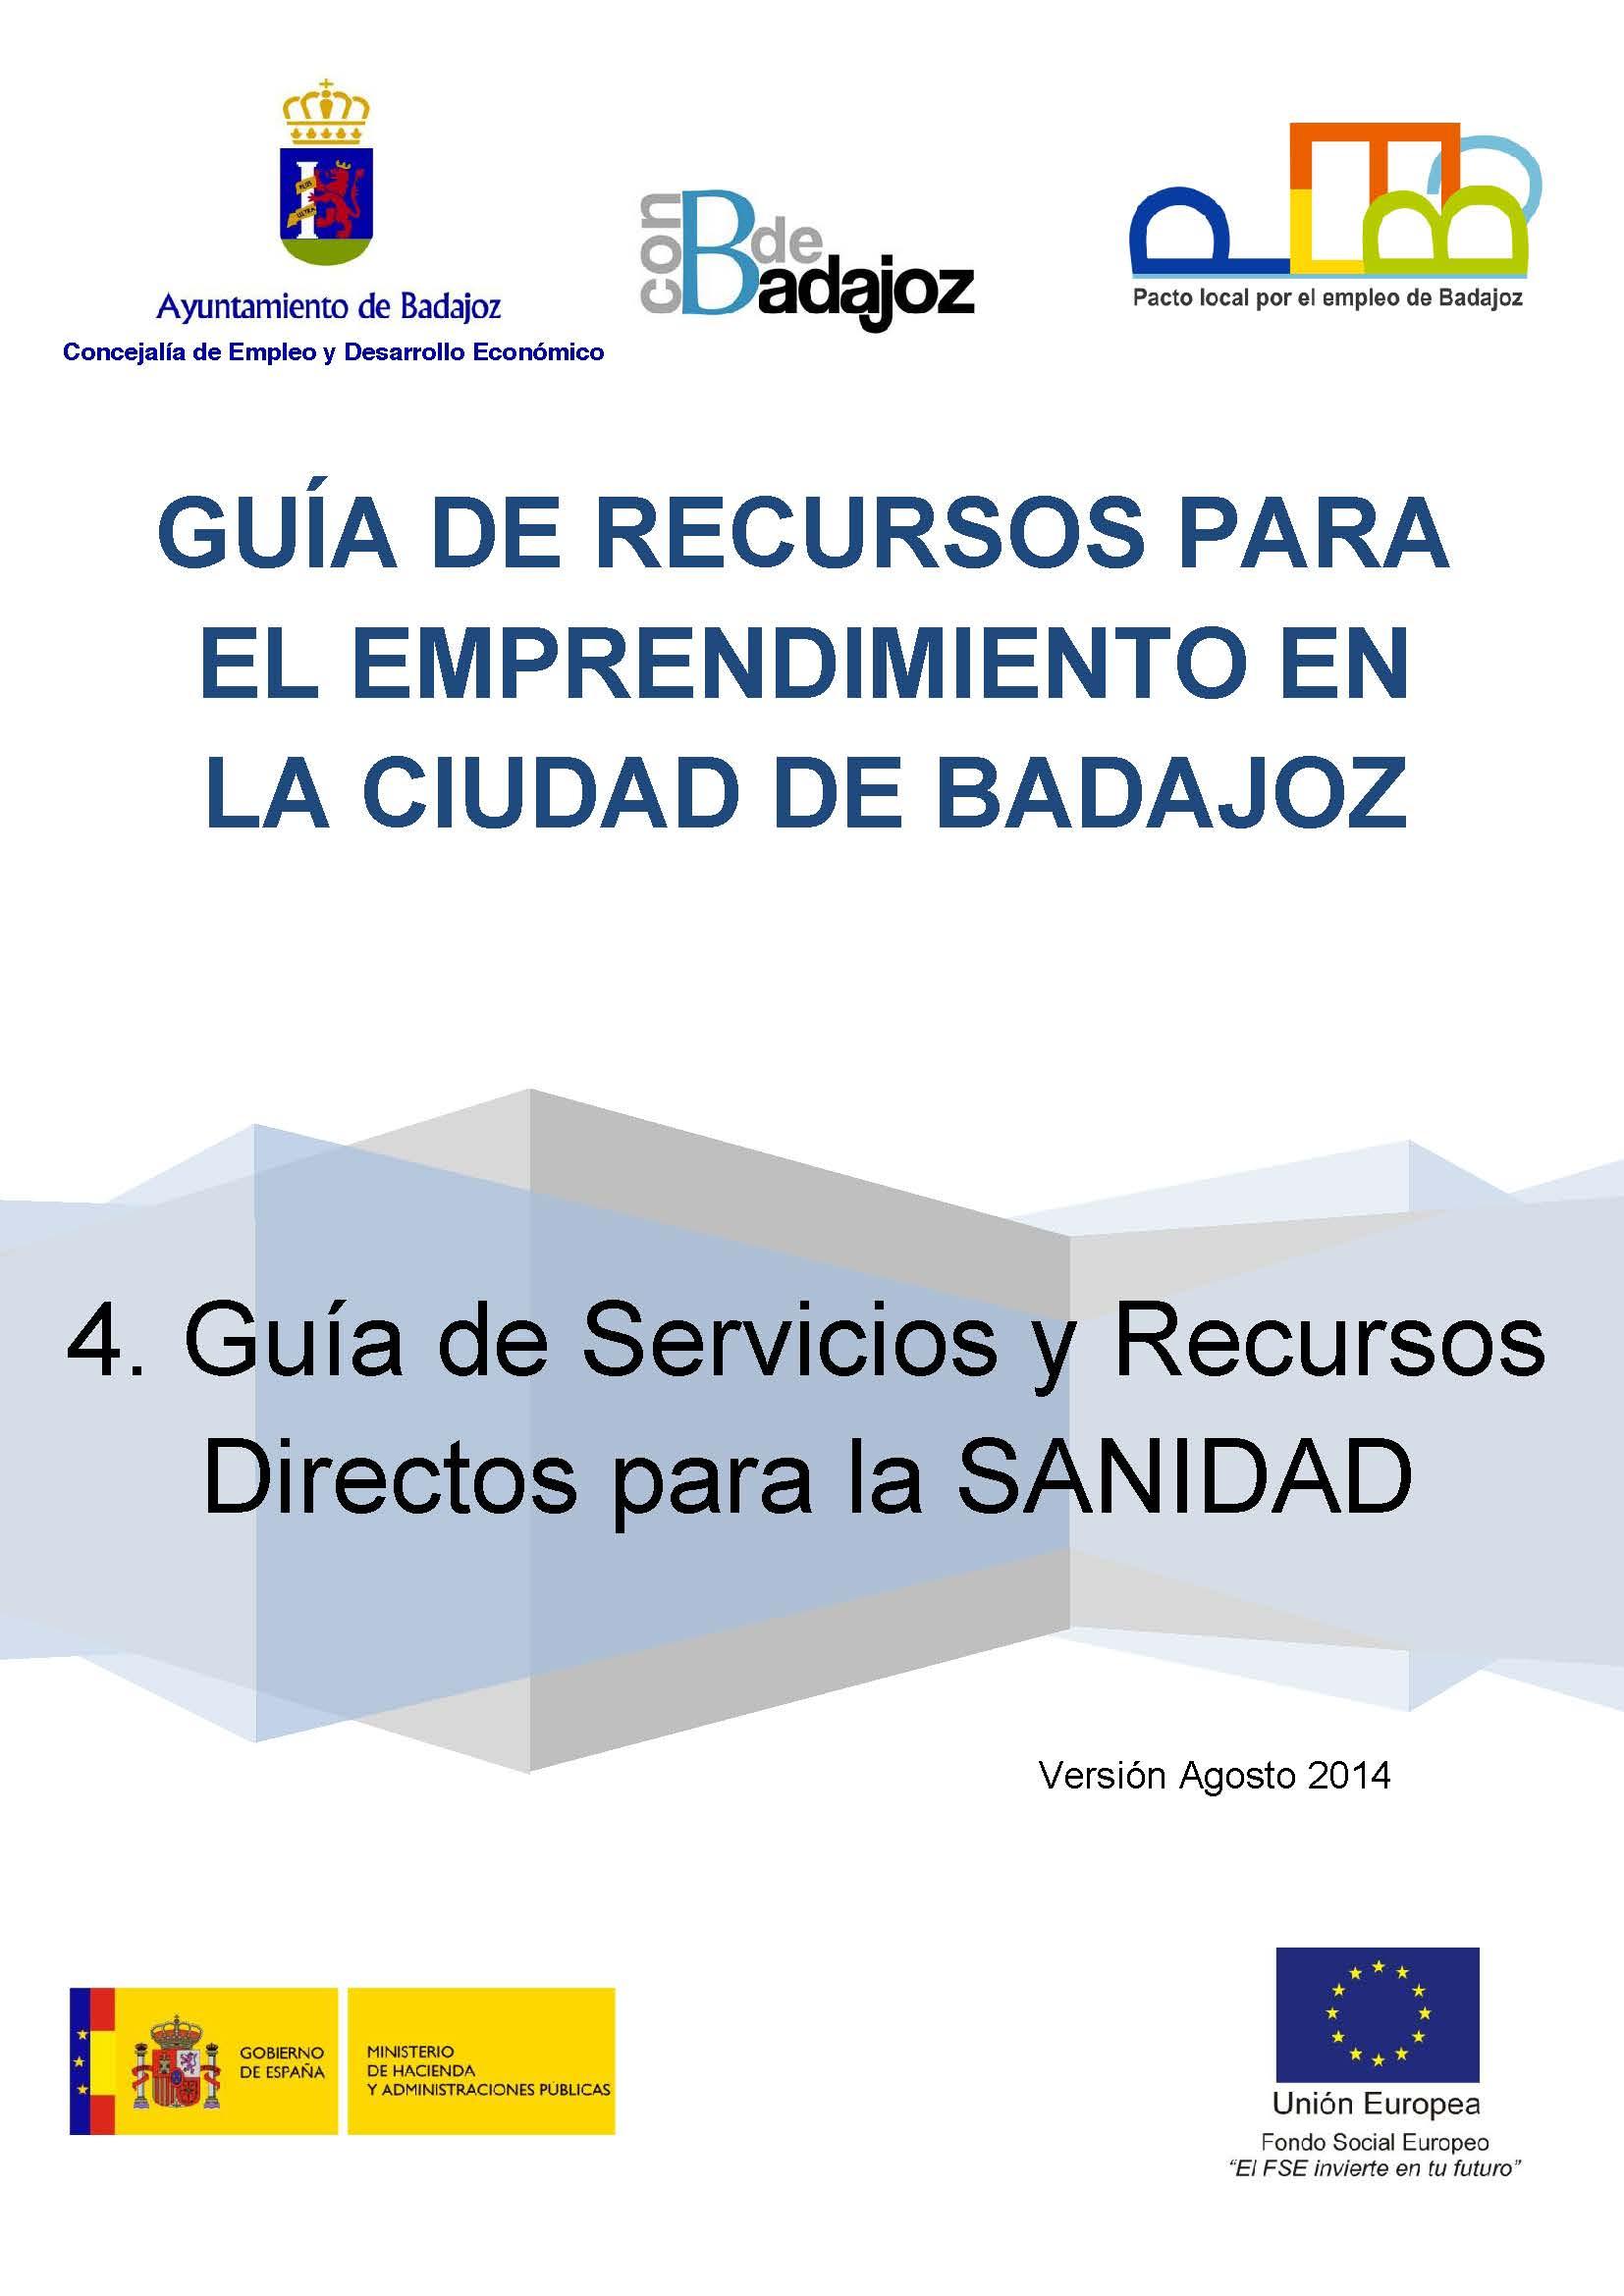 Guía de recursos y servicios directos para la sanidad